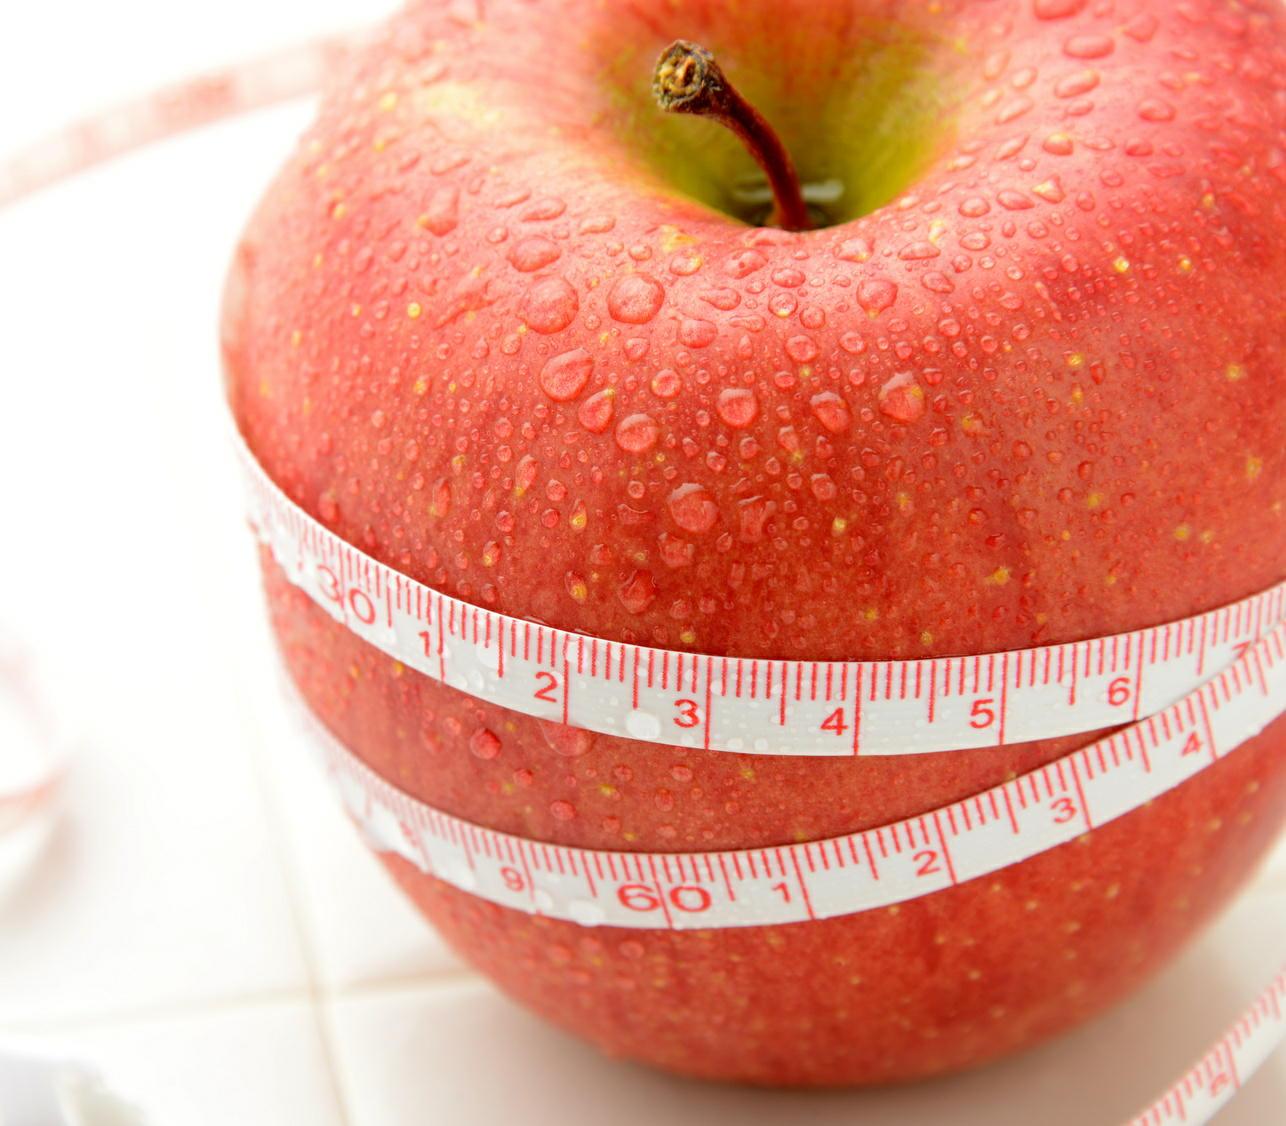 「リンゴ型肥満」はやはり怖い ゲノム検査で内臓脂肪のリスクを予測